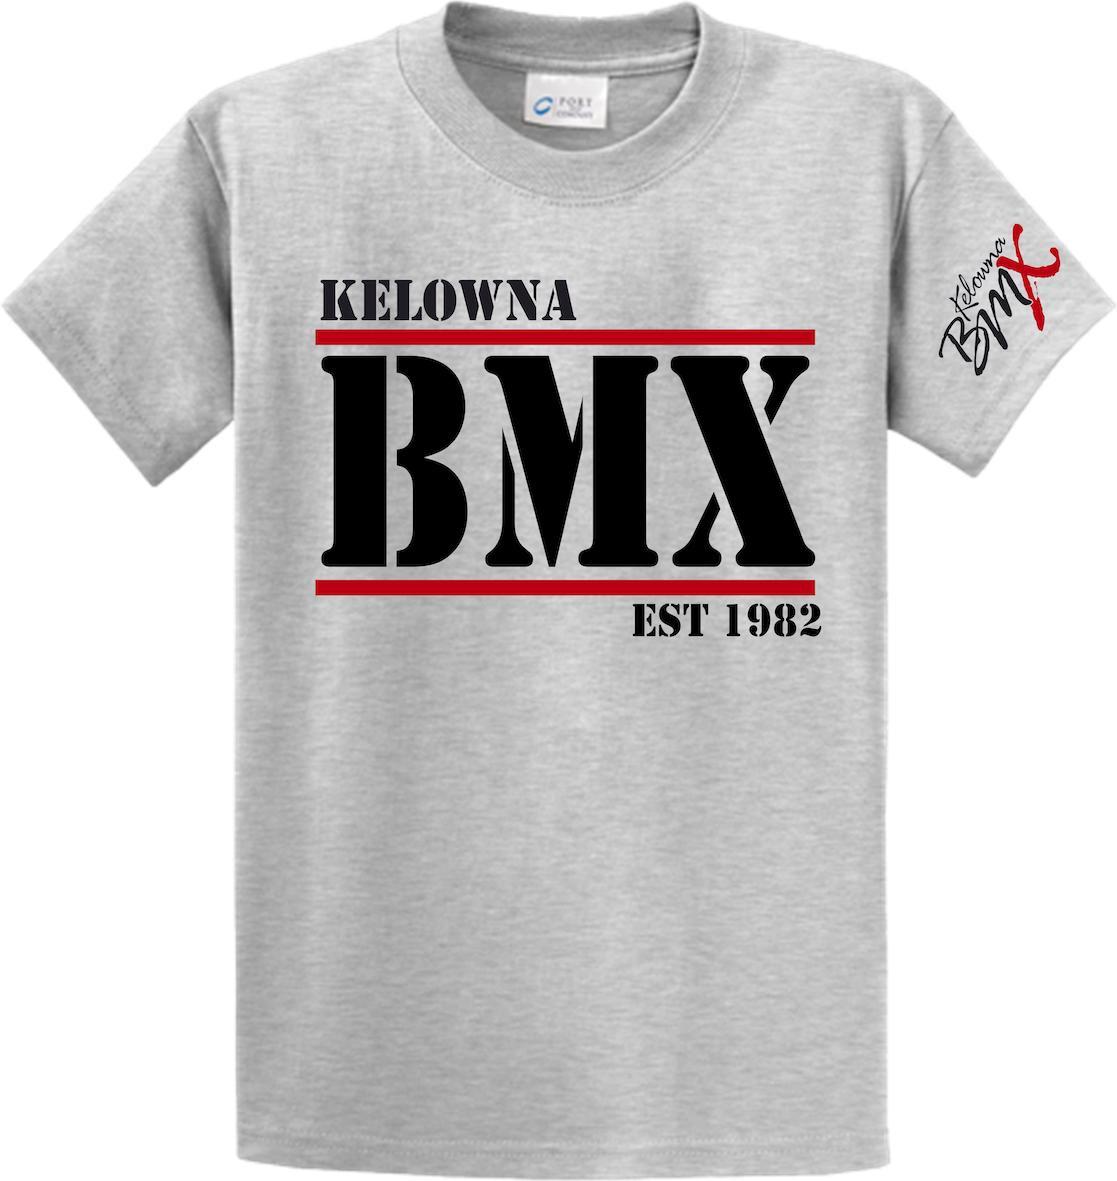 Kelowna BMX Cotton Tee